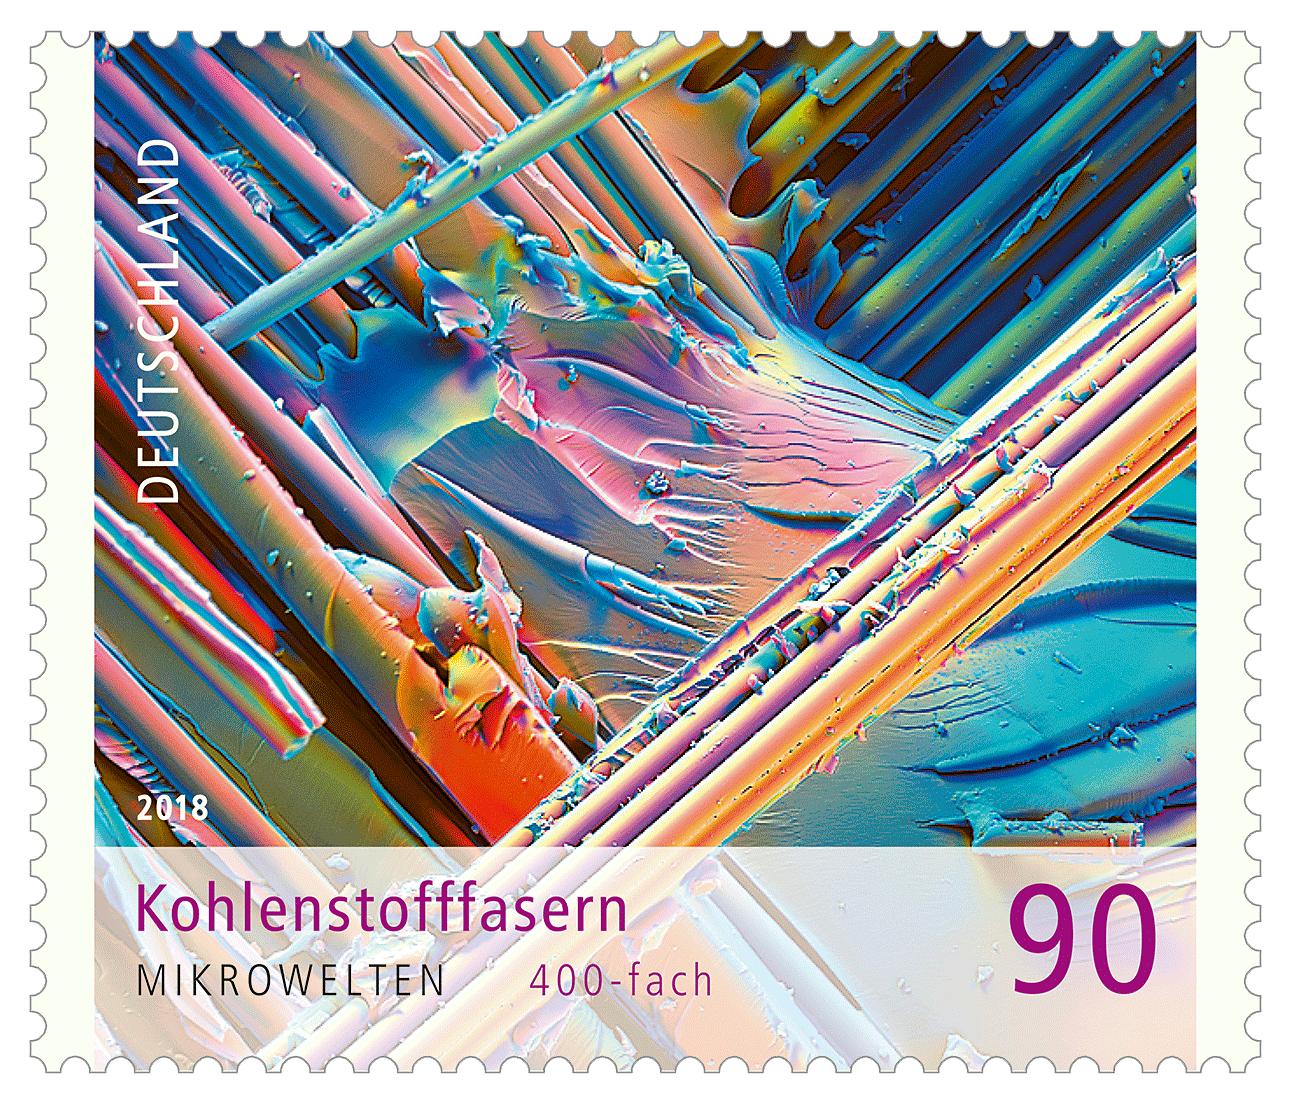 https://www.borek.de/briefmarkenserie-mikrowelten-kohlenstofffasern